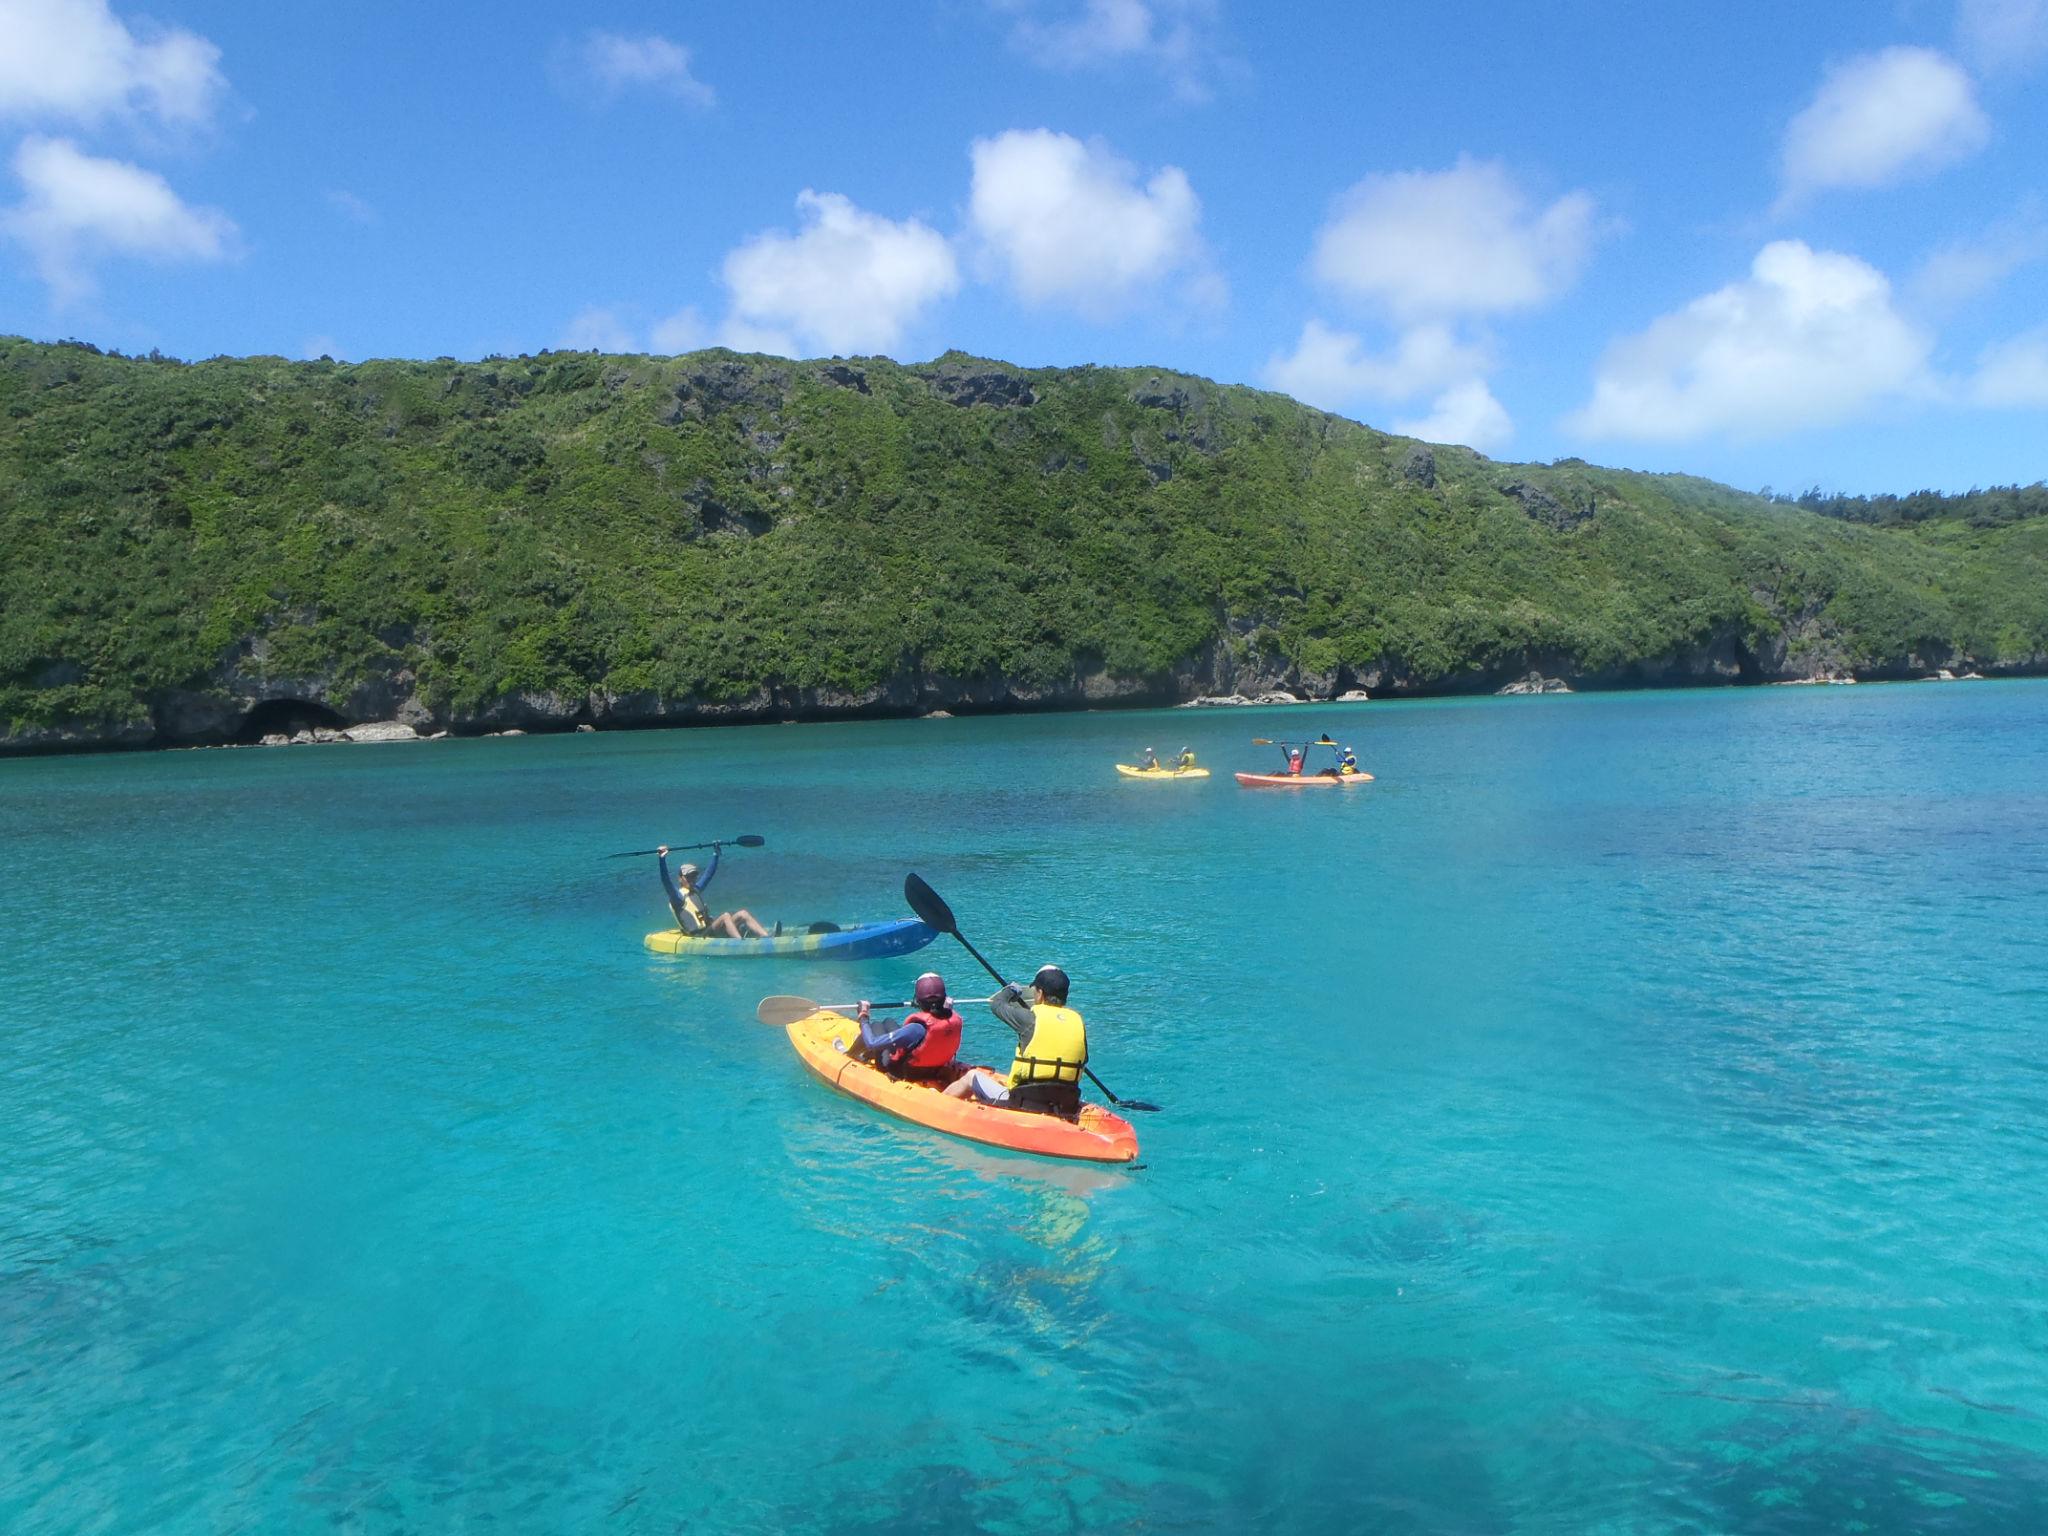 伊良部岛旅游景点图片